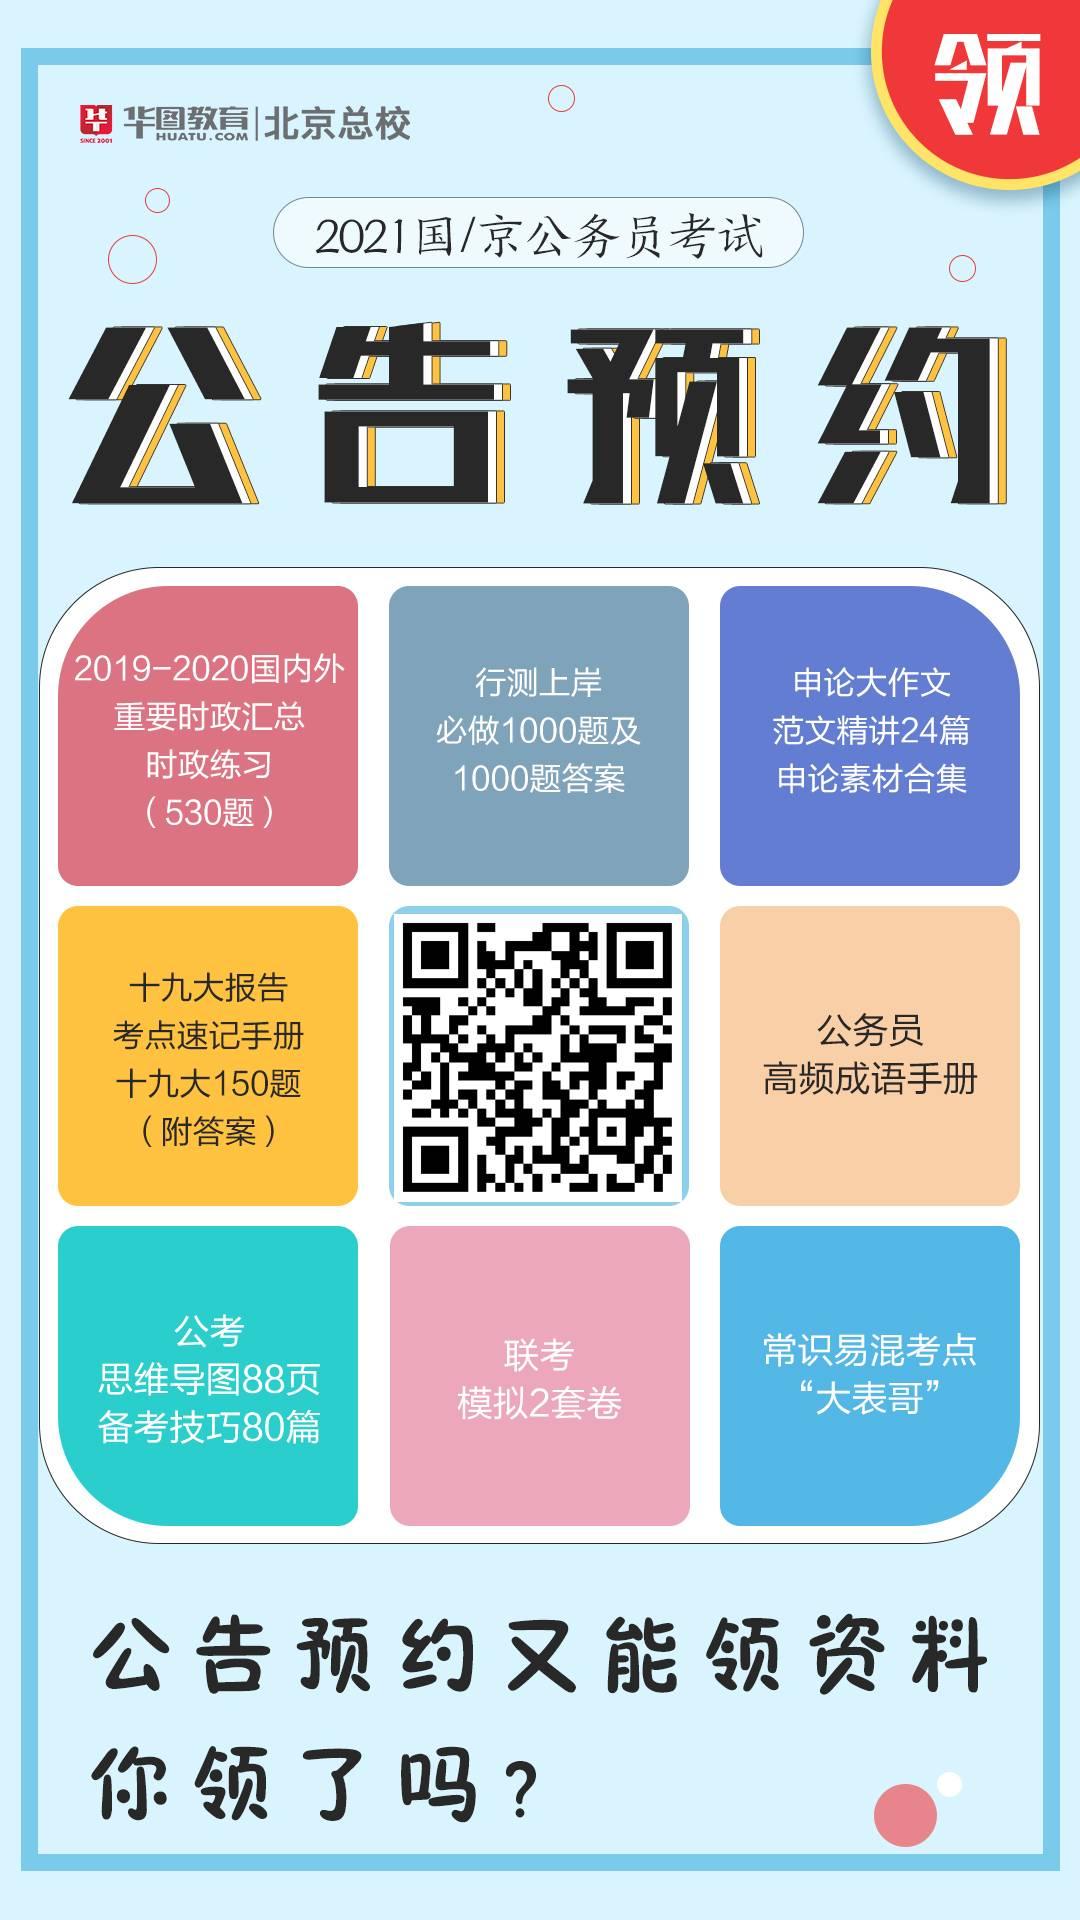 http://www.880759.com/zhanjiangxinwen/24548.html